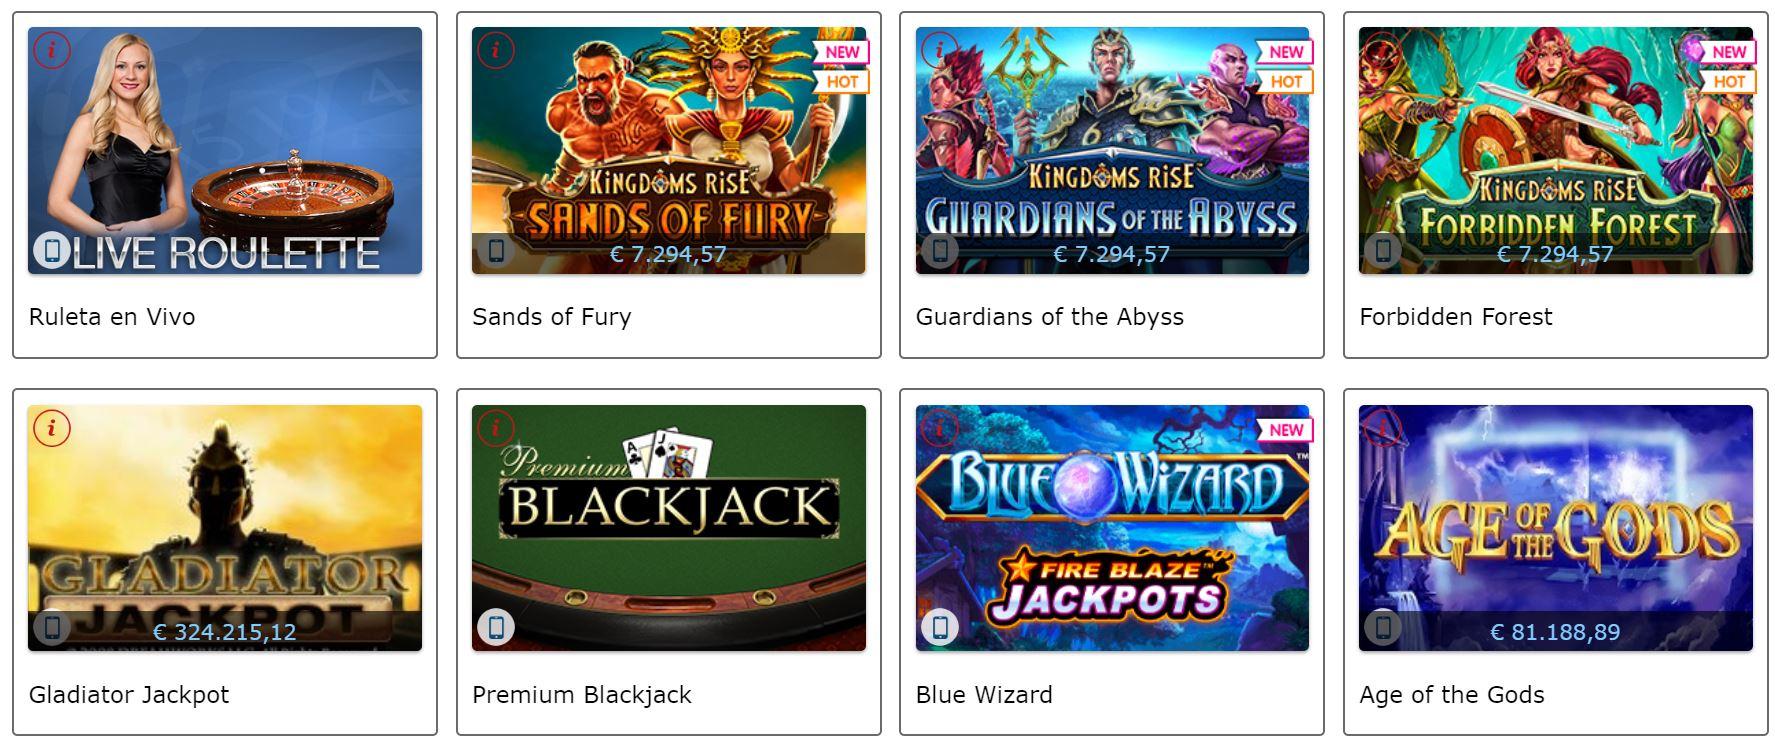 La lista de juegos disponibles en Marca Apuestas es muy amplia.